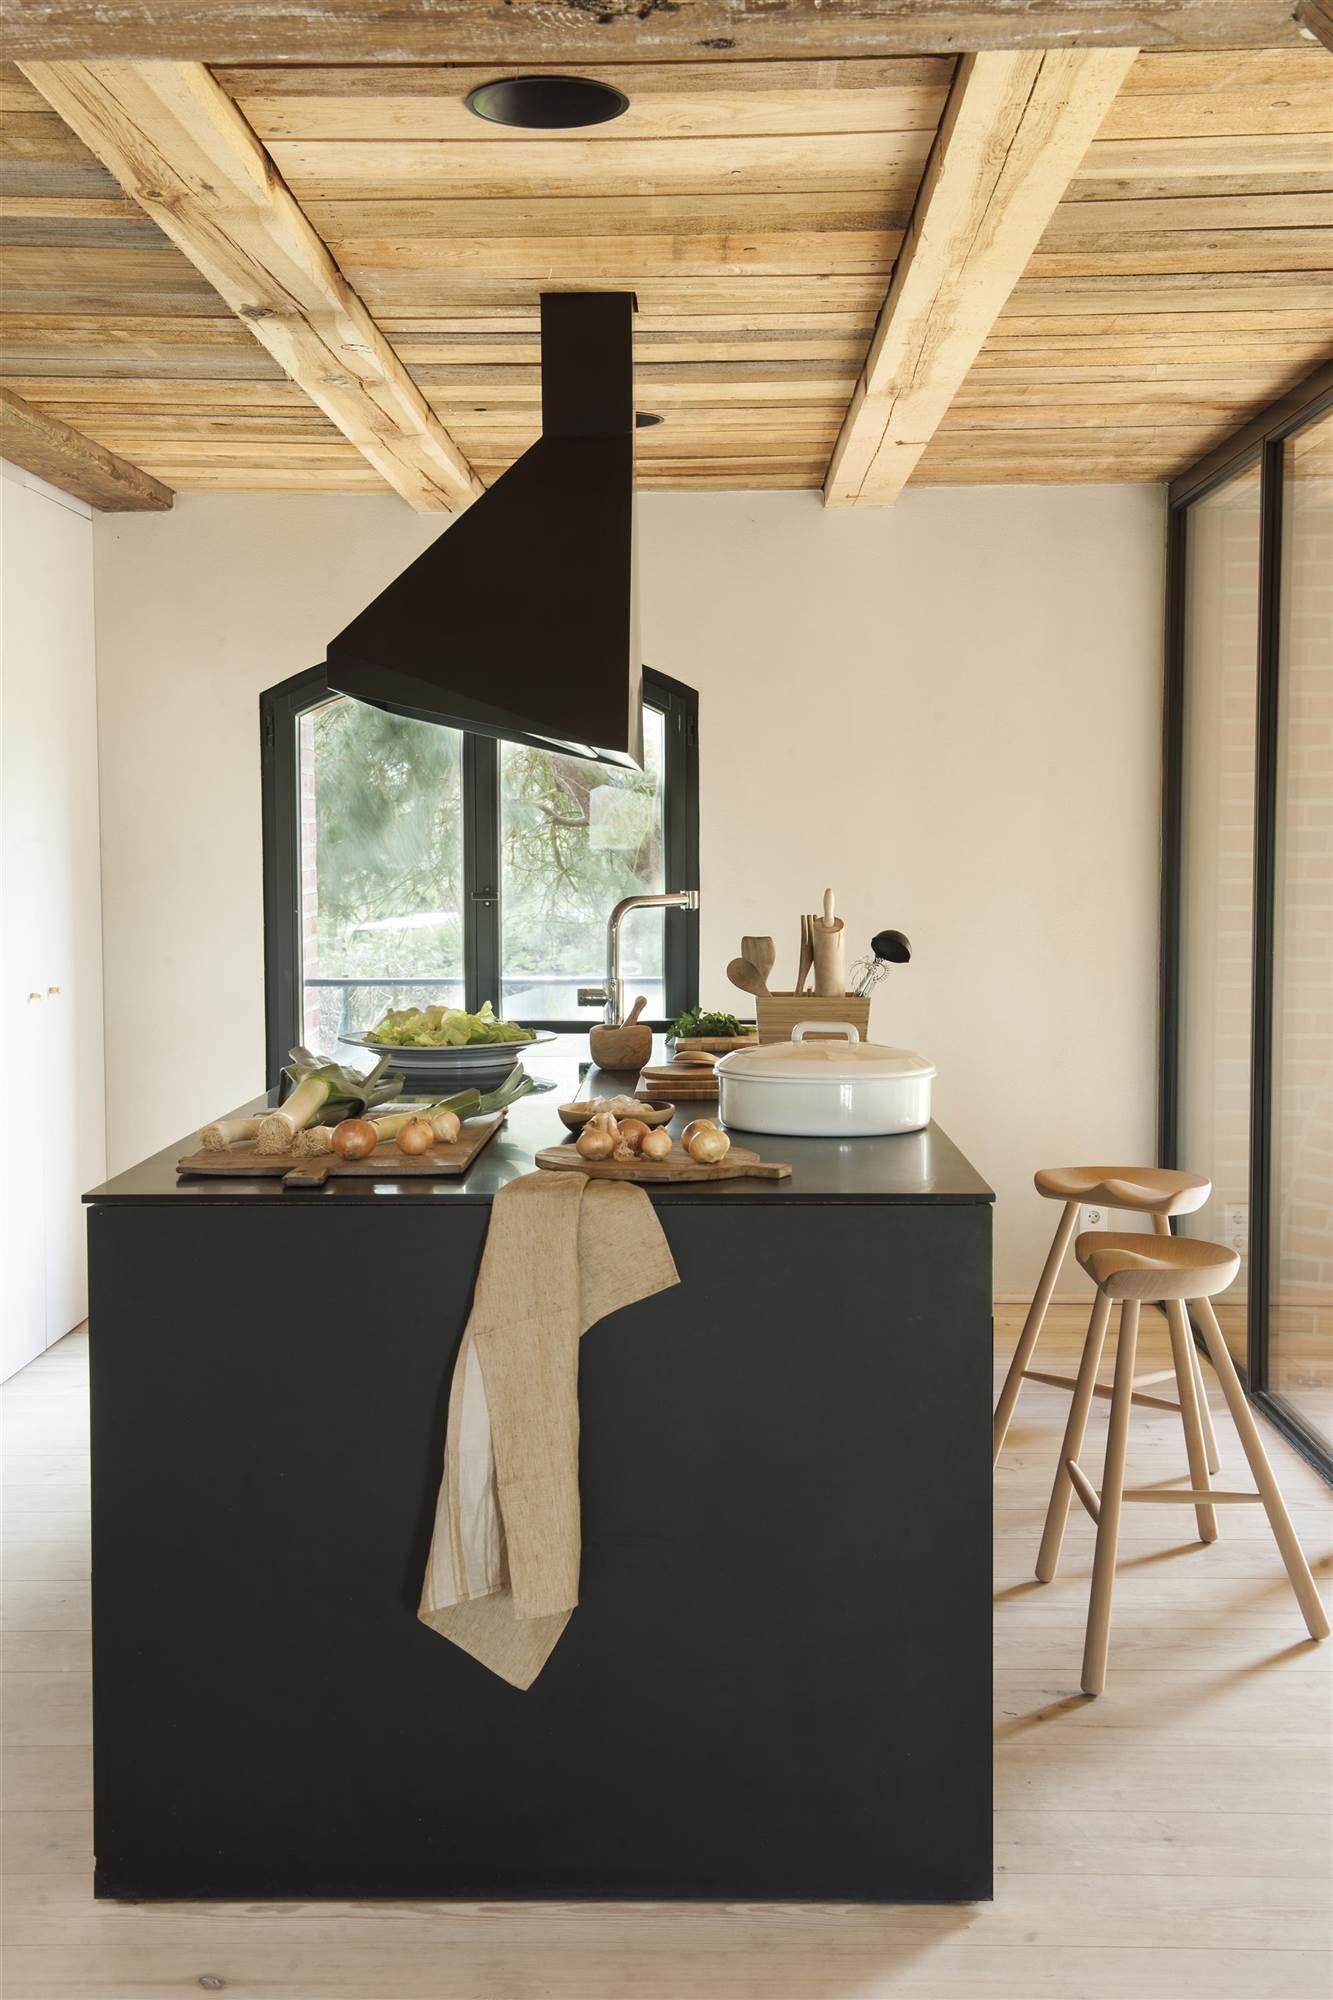 Muebles en pareja: ¿con qué color combina mejor la madera?